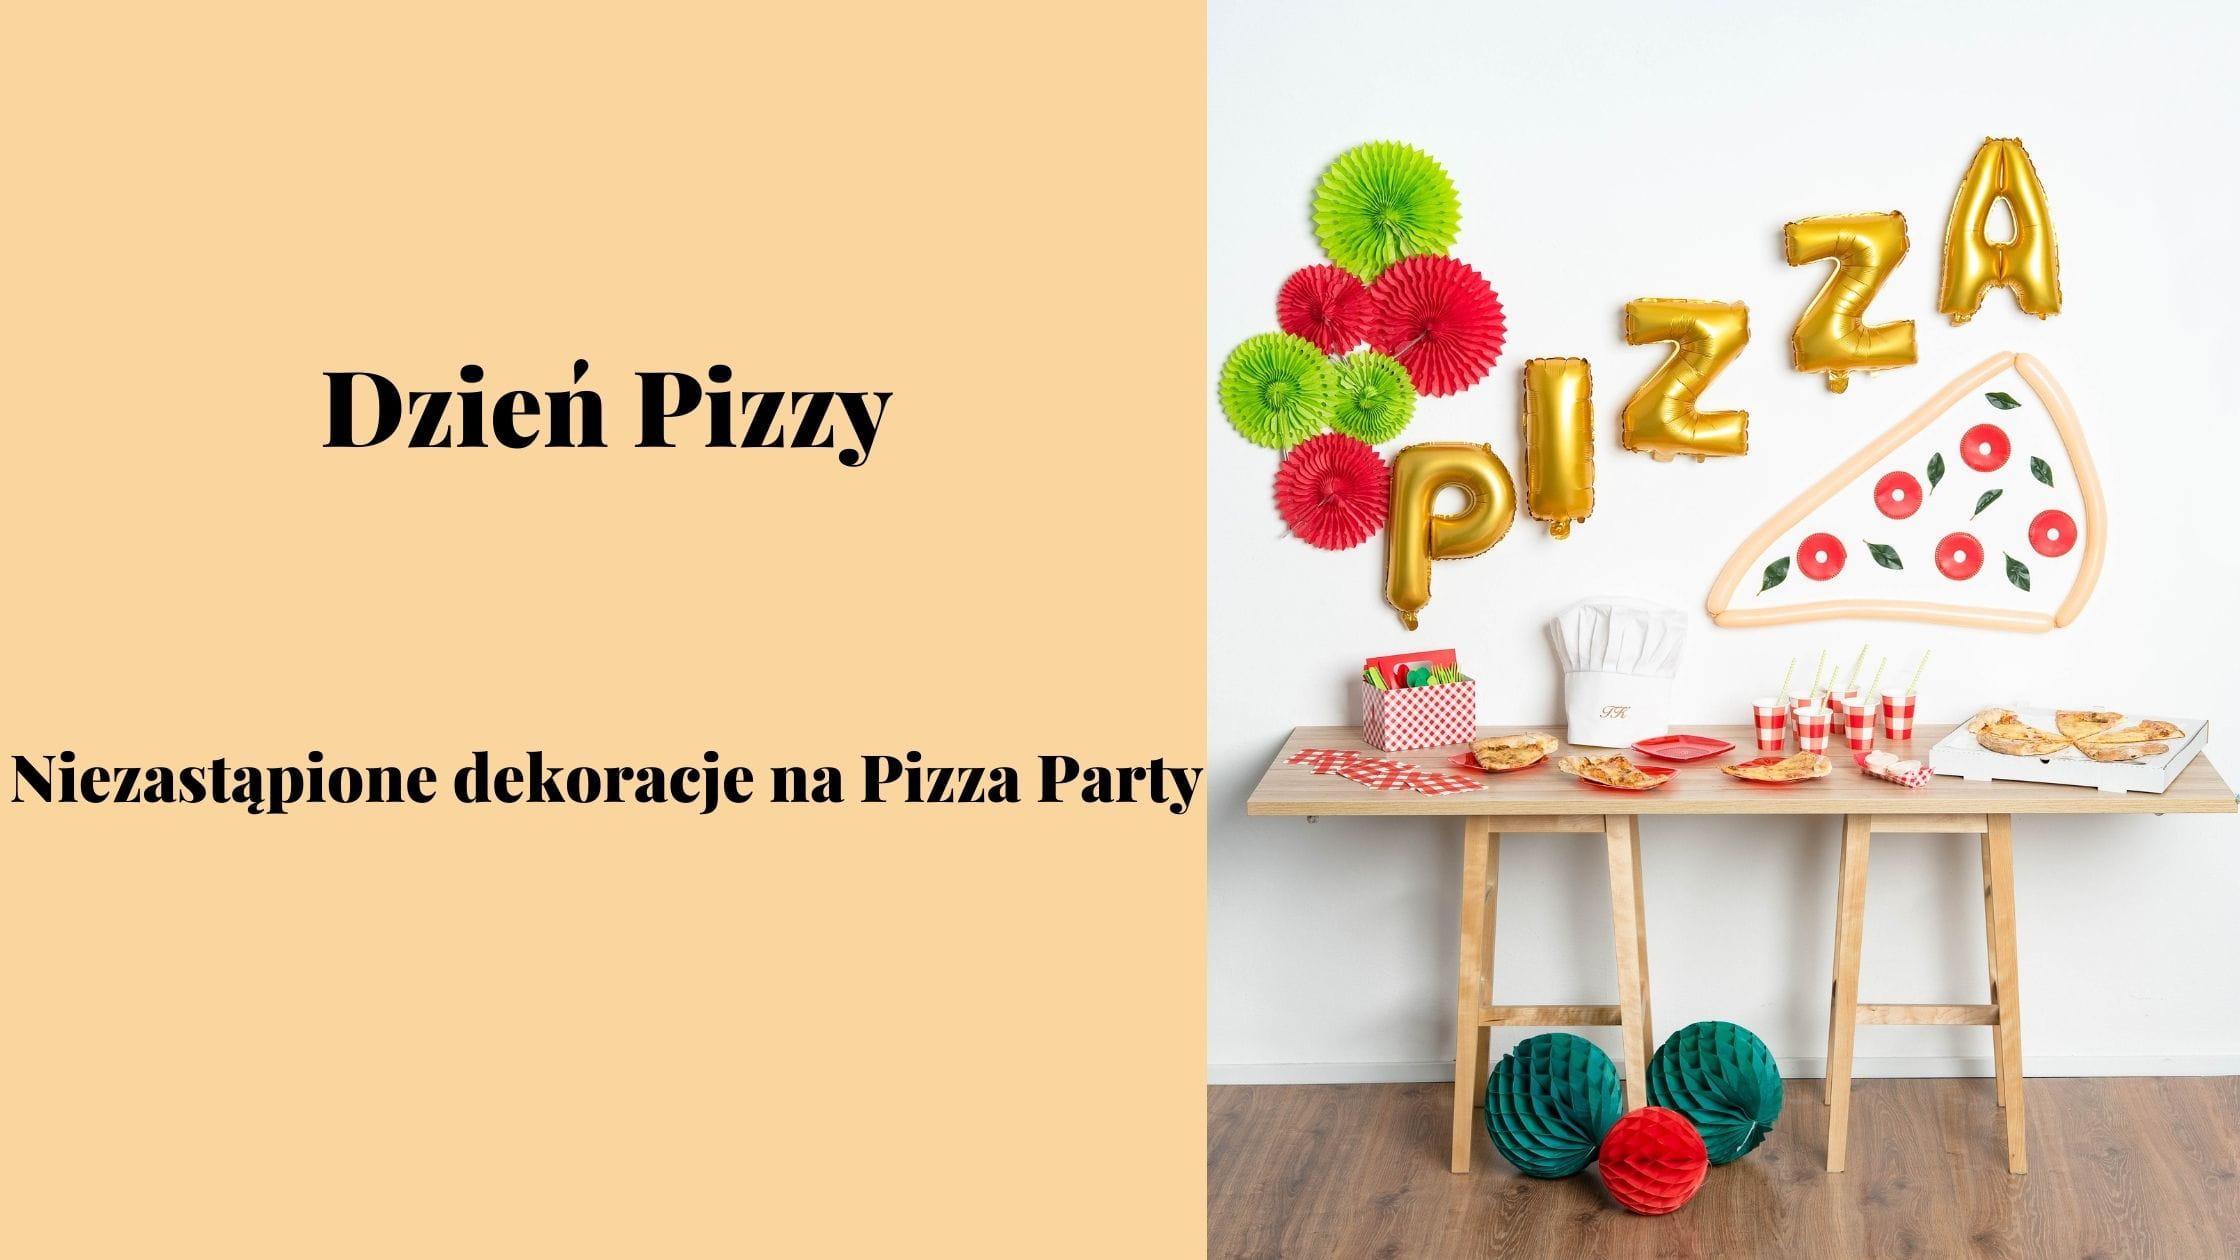 Dzień Pizzy - niezastąpione dekoracje na Pizza Party